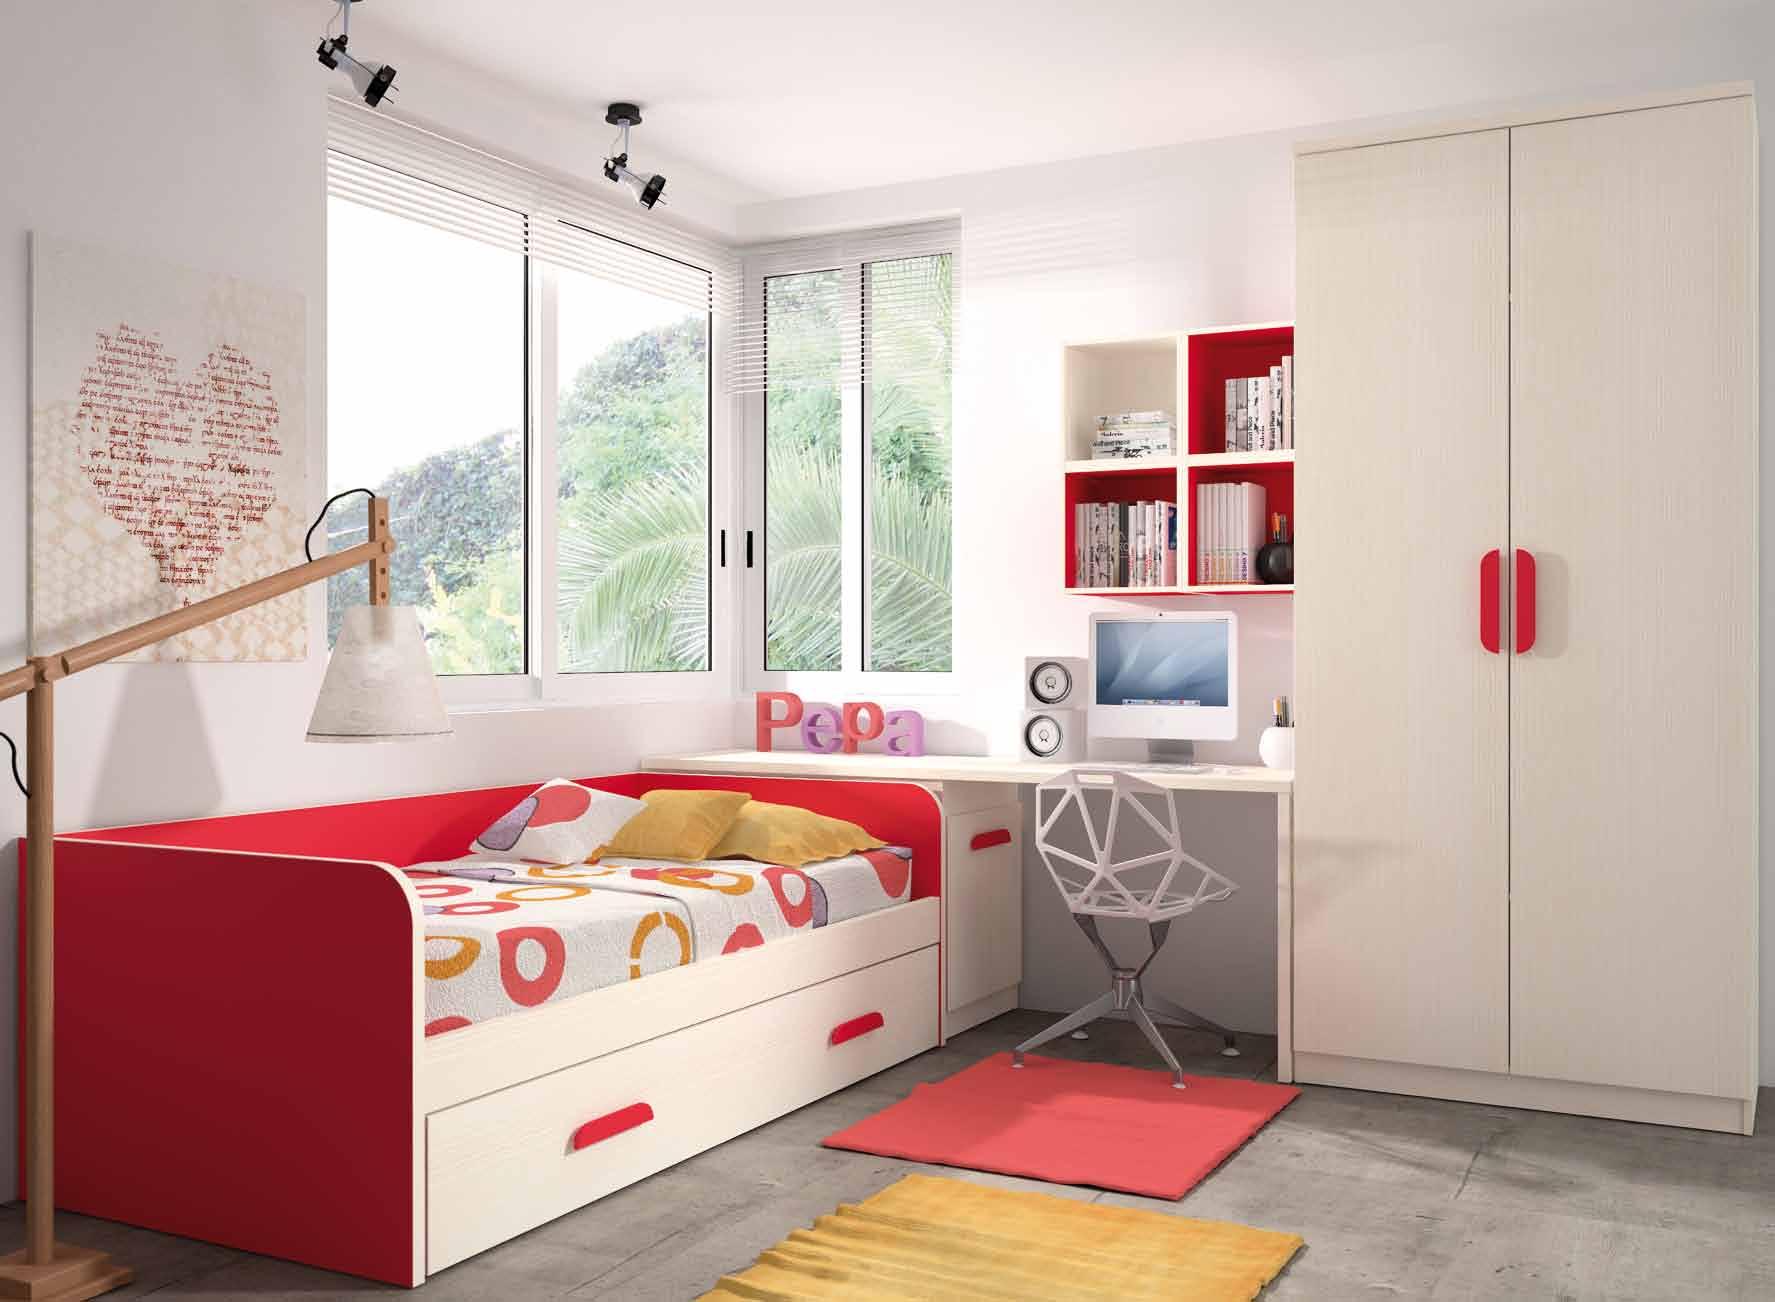 Dormitorio juvenil completo muebles adama tienda de - Cama juvenil compacta ...